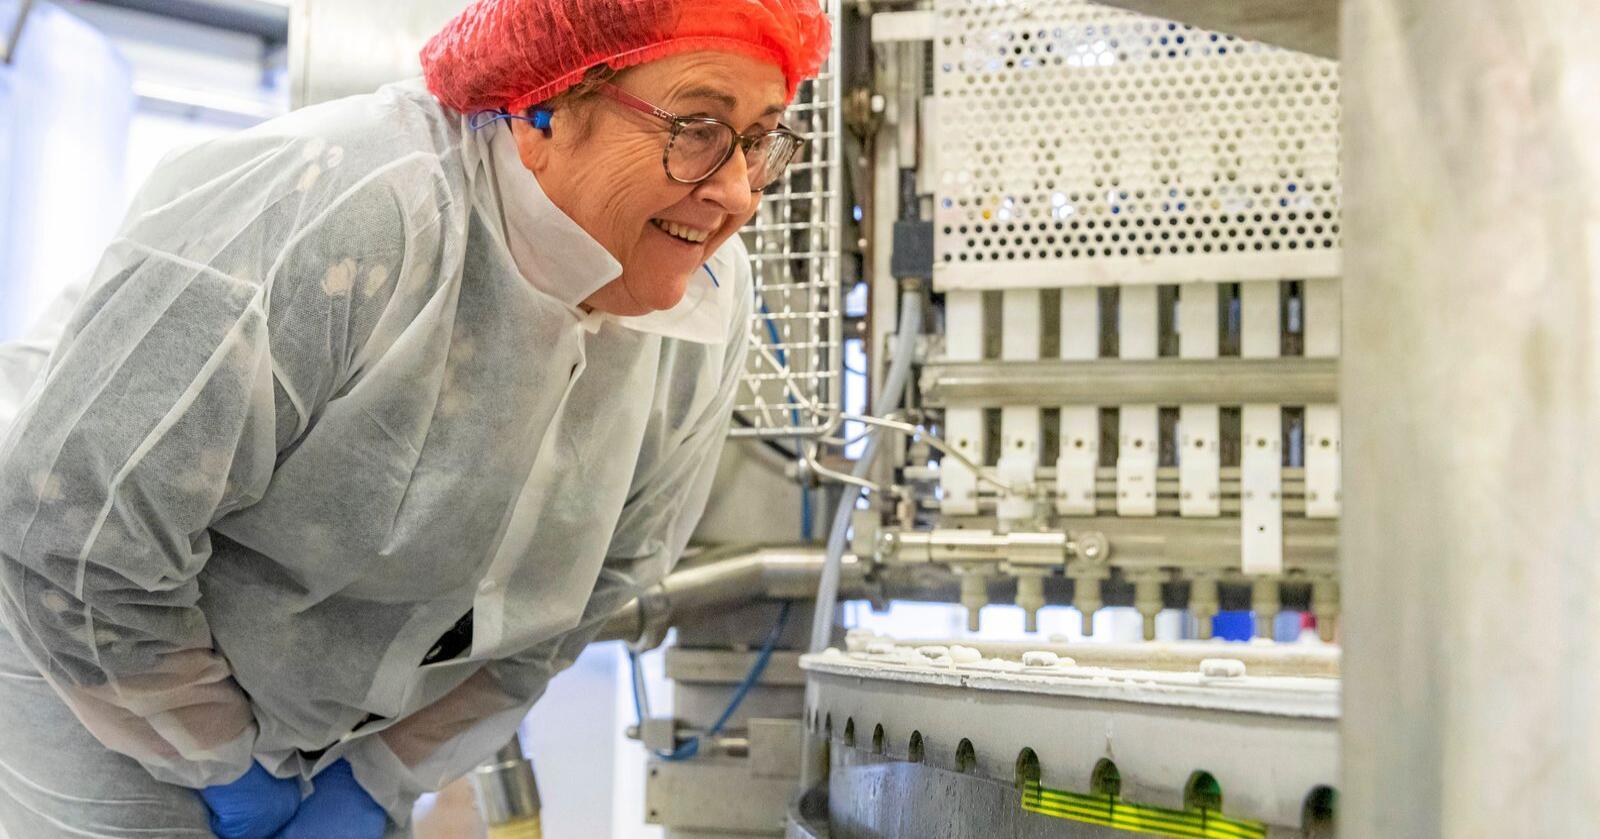 Landbruks- og matminister Olaug Bollestad (KrF) vil at Norge skal bli internasjonalt kjent som en matnasjon. I februar fikk hun innføring i iskremproduksjon på Diplom-Is på Gjelleråsen. Foto: Håkon Mosvold Larsen / NTB scanpix